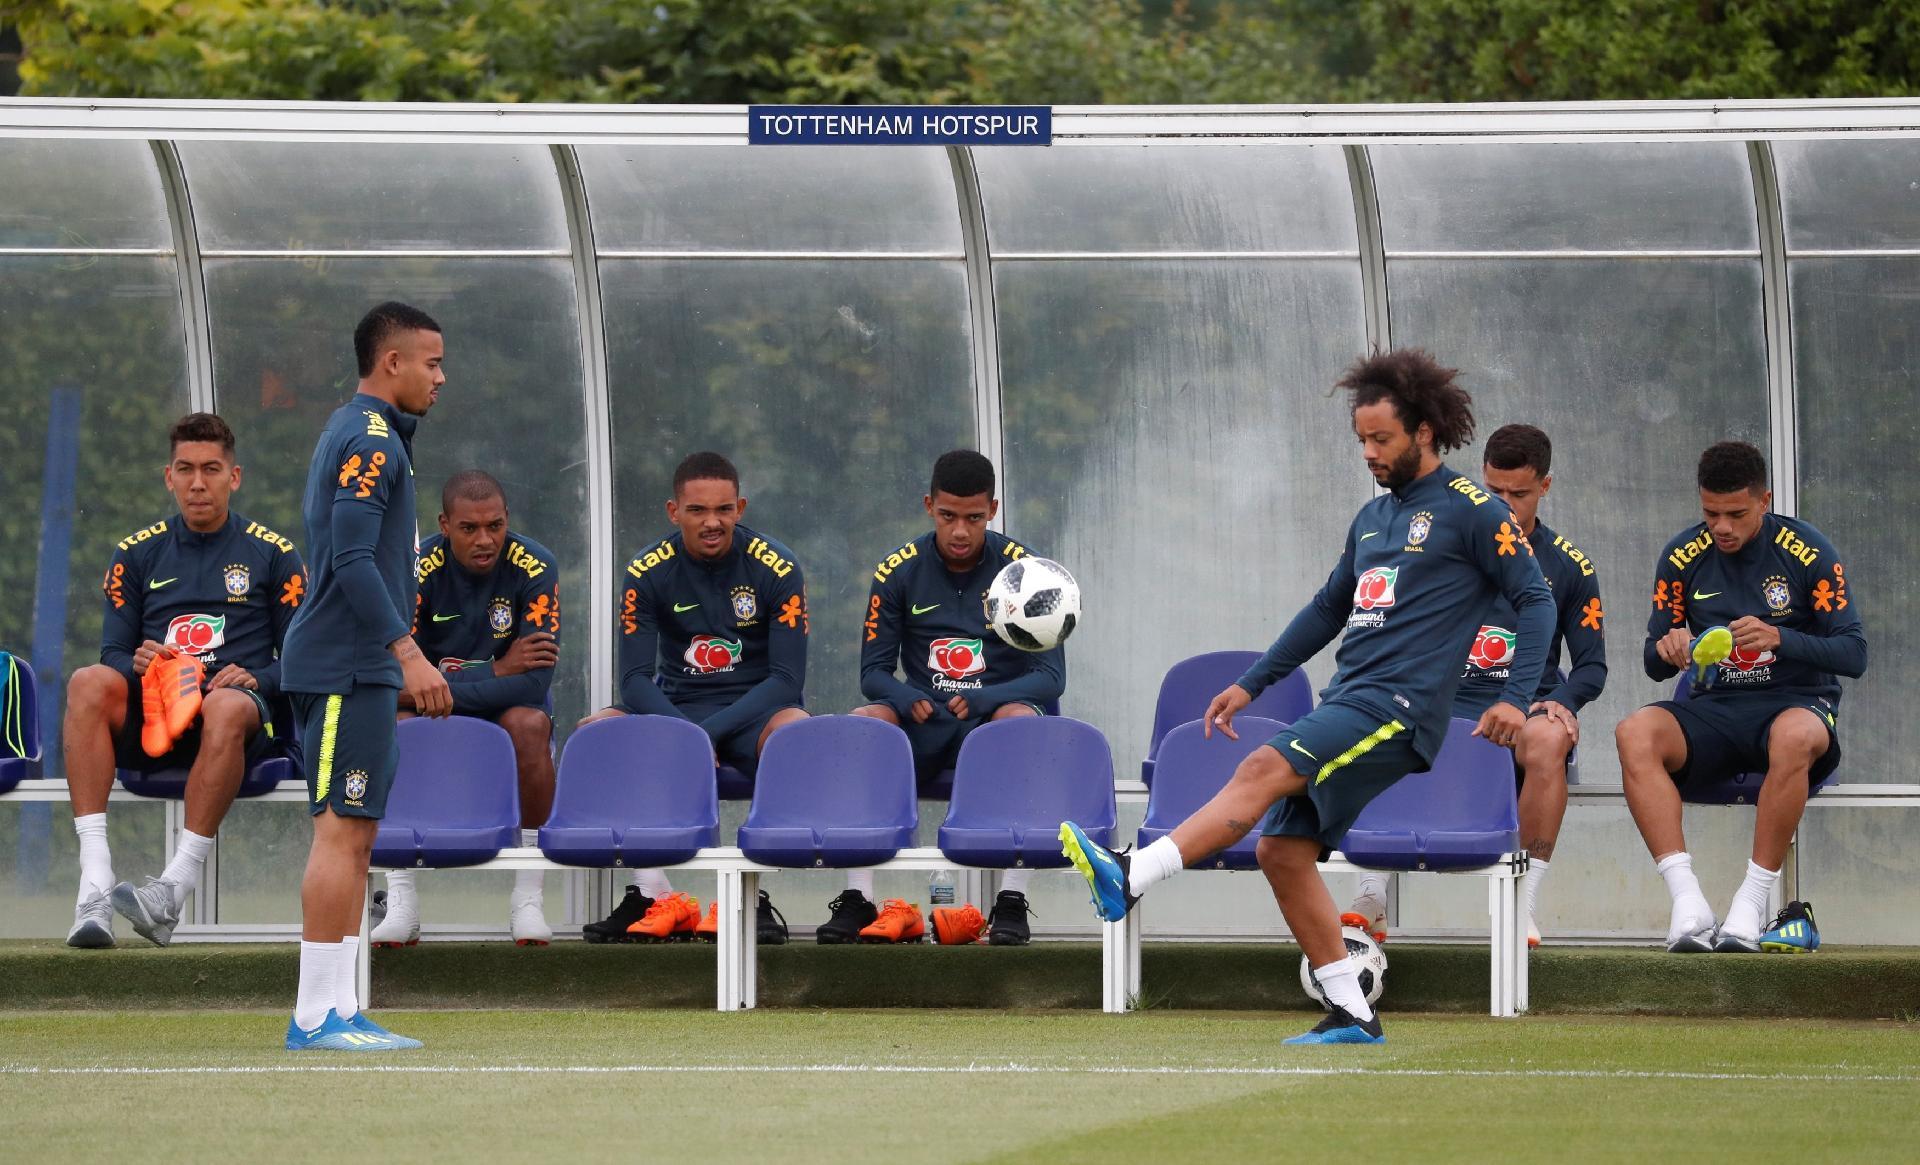 Marcelo e Jesus  Tite liga para esquecidos e projeta volta até Copa América  - 19 08 2018 - UOL Esporte b424cc380a48f